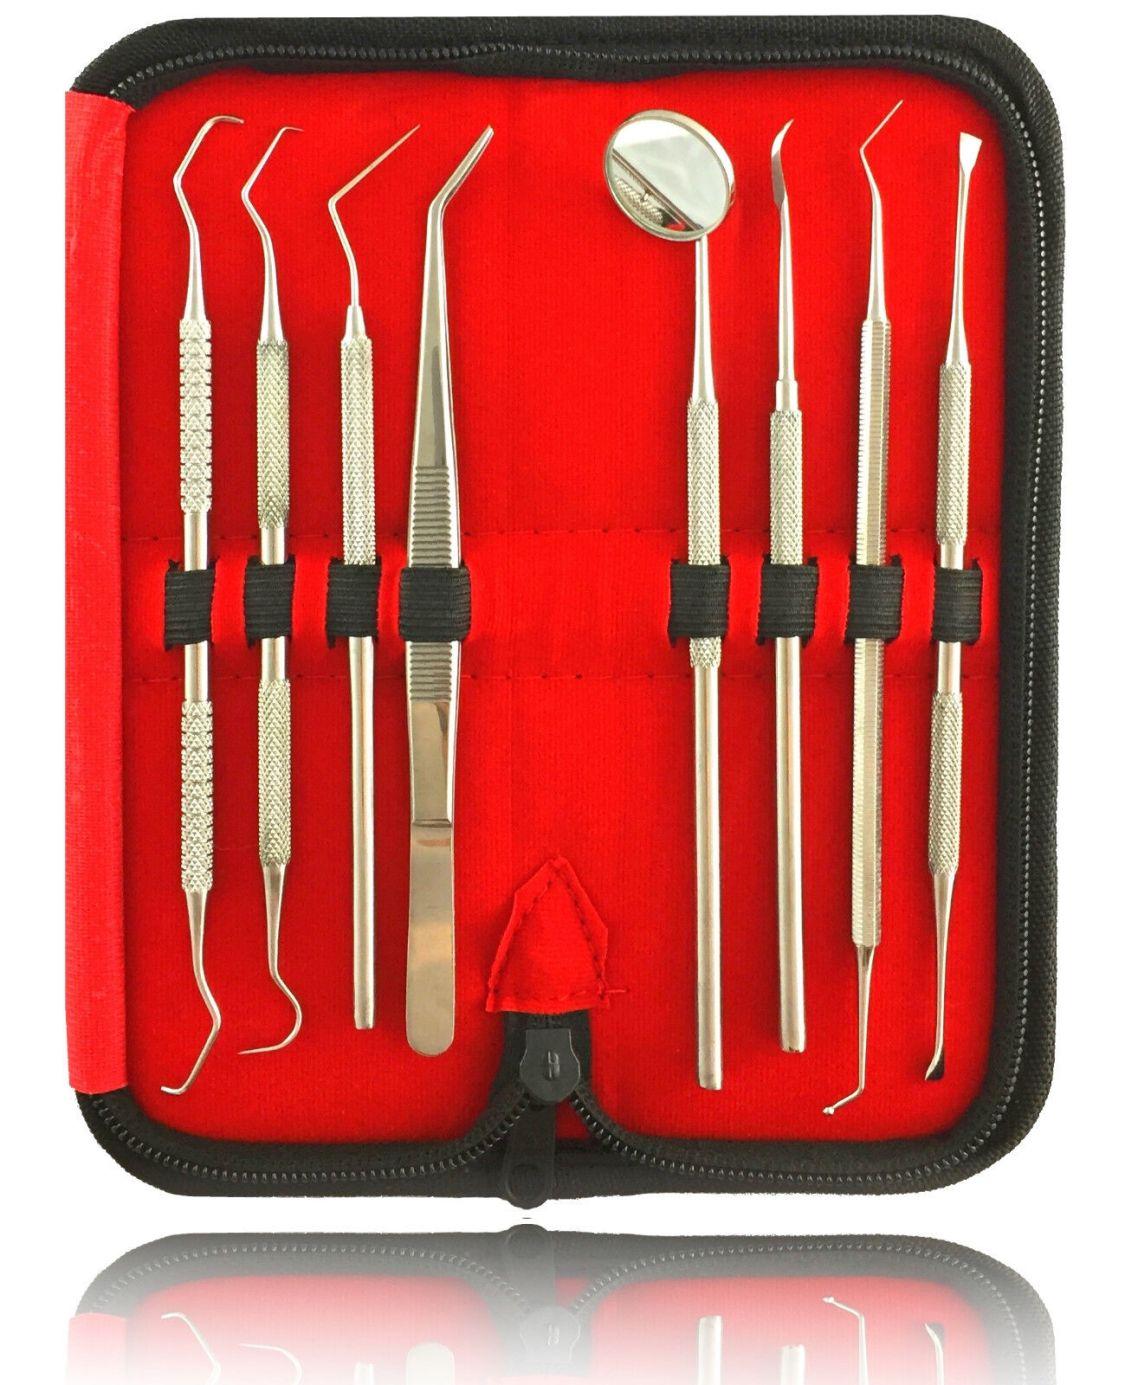 8er Dental Set Zahnreinigung Zahnsteinentferner Zahnpflege Mundspiegel Zahnsonde